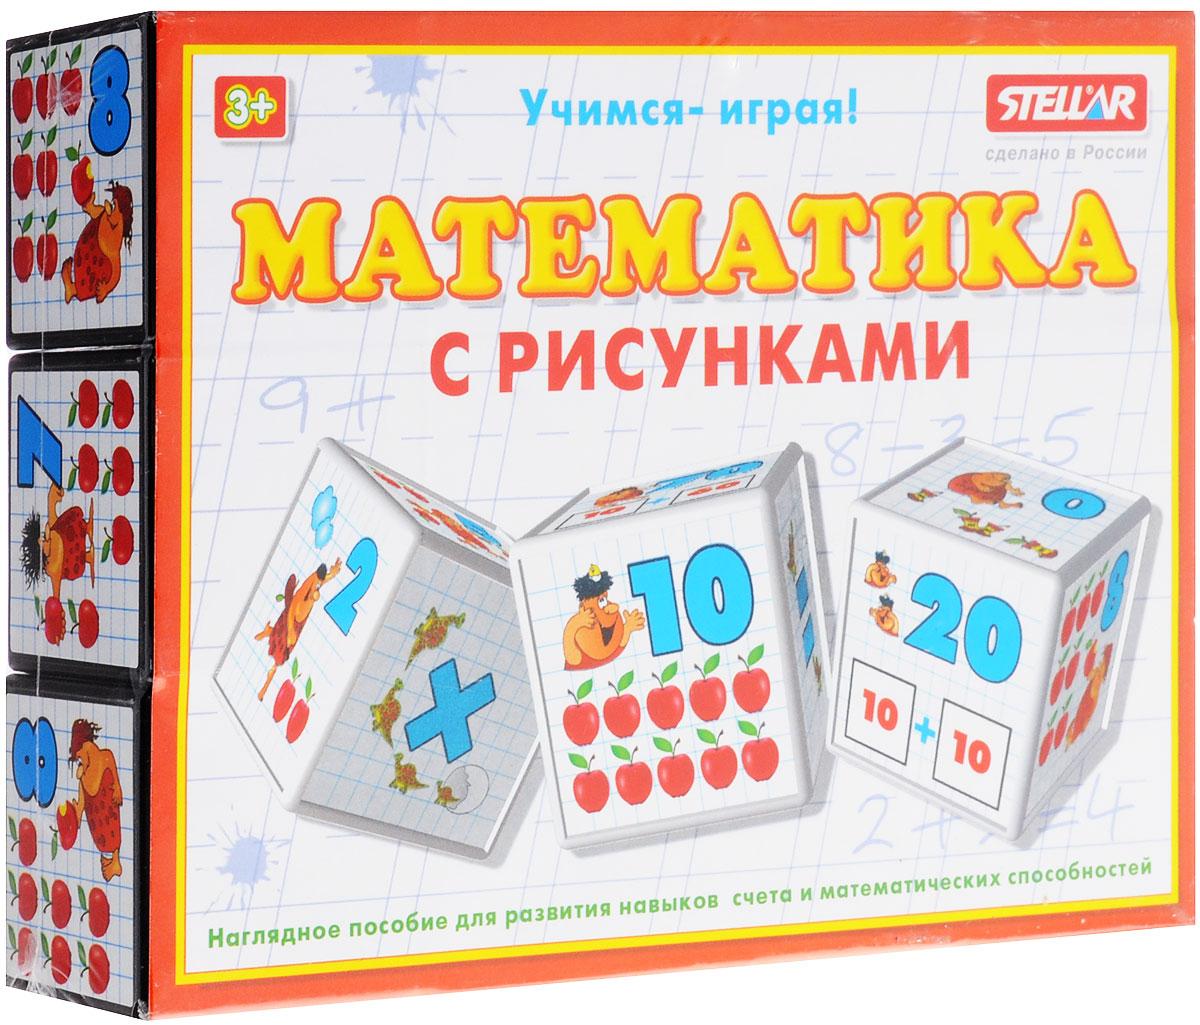 Stellar Кубики Математика с рисунками705_красныйКубики Stellar Математика с рисунками - это замечательное наглядное пособие для развития навыков счета и математических способностей. В набор входят 12 кубиков с изображениями цифр, математических примеров и картинок. С помощью кубиков Математика с рисунками ребенок сможет выучить цифры и освоить примеры на сложение, вычитание, деление и умножение, а рисунки с готовыми примерами помогут ему в этом. Игра с кубиками развивает зрительное восприятие, наблюдательность и внимание, мелкую моторику рук и произвольные движения. Ребенок научится складывать целостный образ из частей, определять недостающие детали.